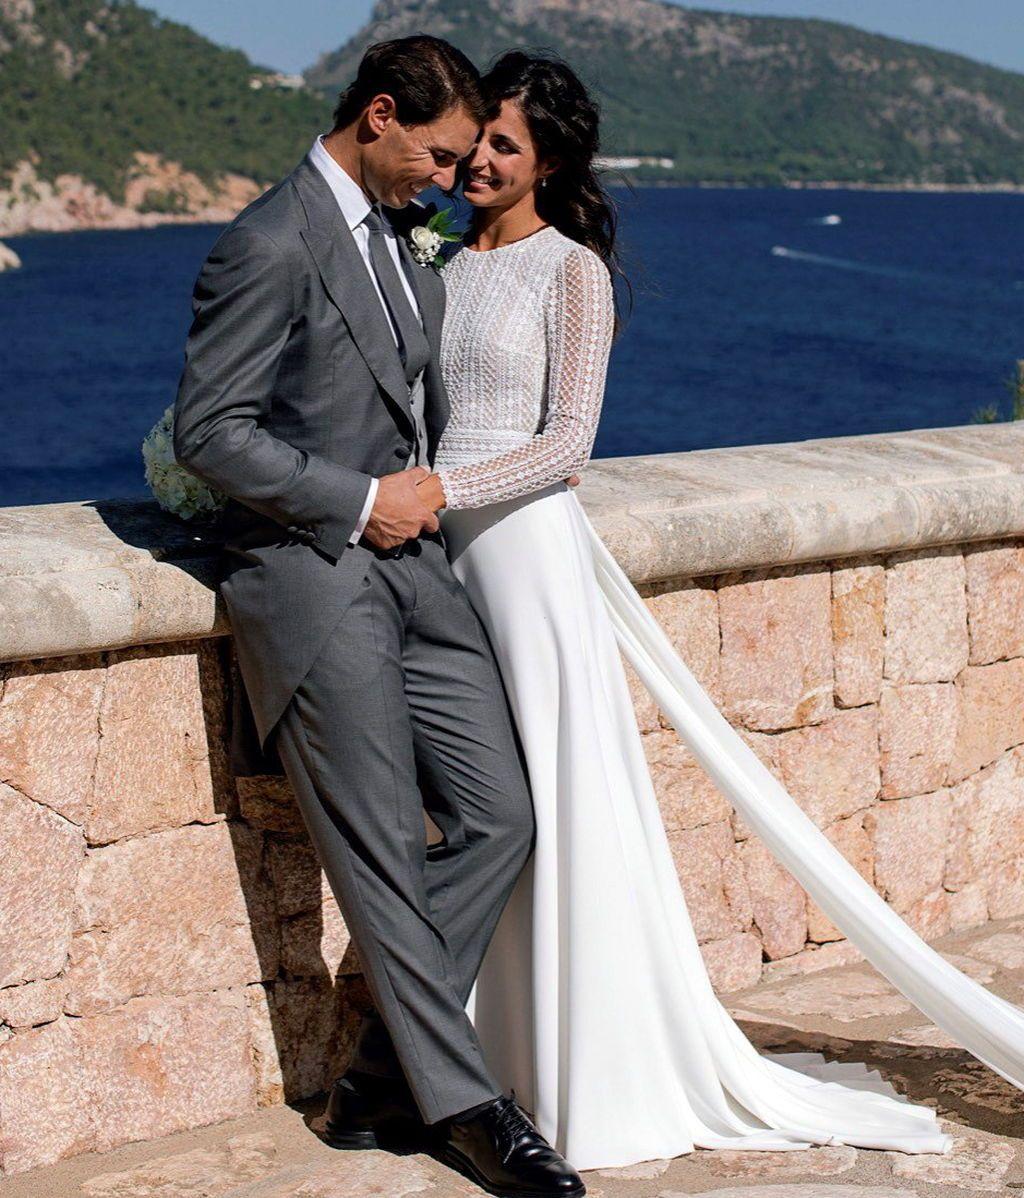 Primeras imágenes del enlace de Rafa Nadal y Mery Perelló